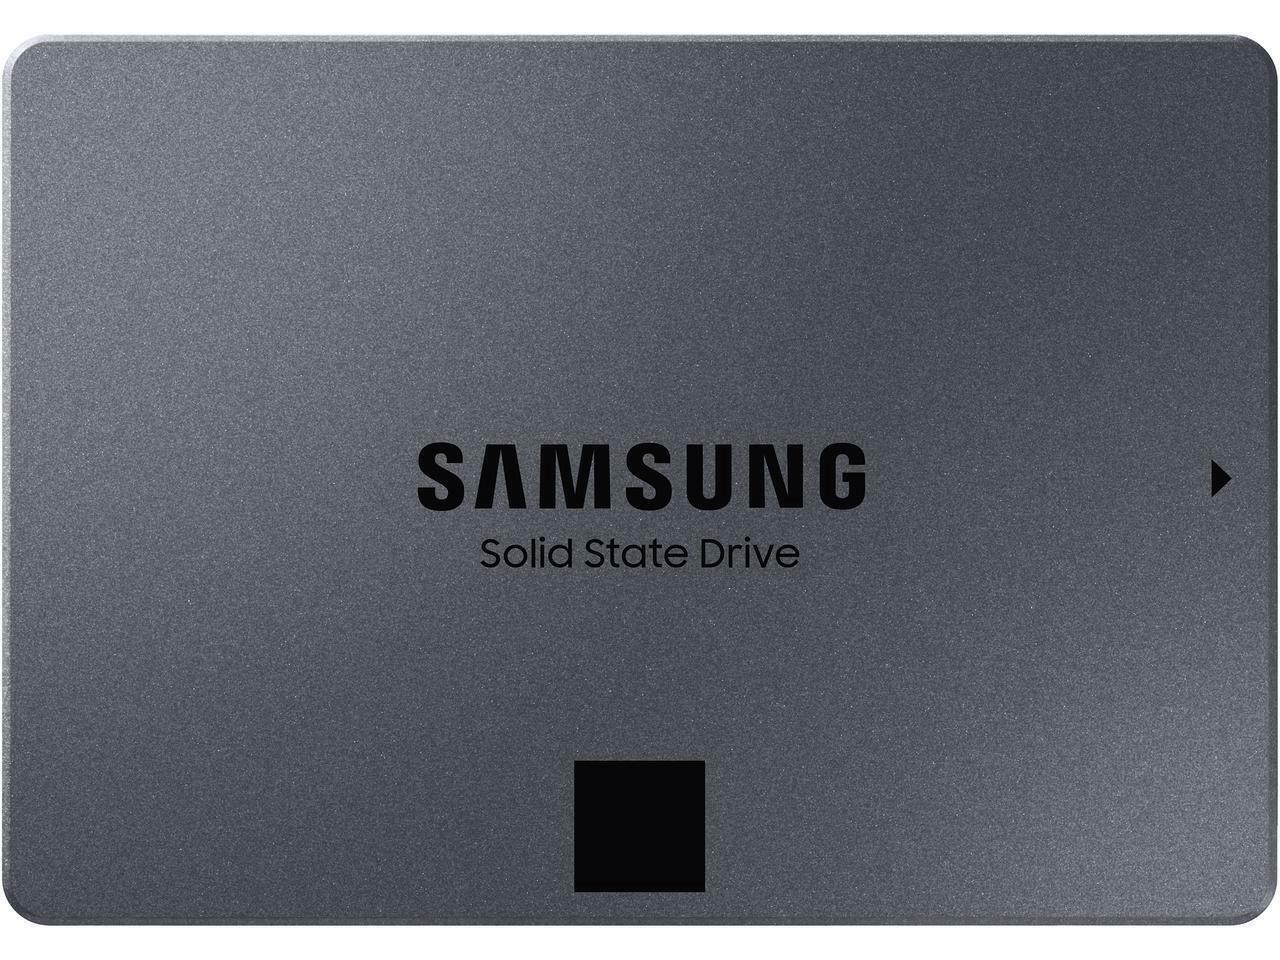 Samsung SSD 860 QVO 1TB 2TB 4TB SATA III 2.5